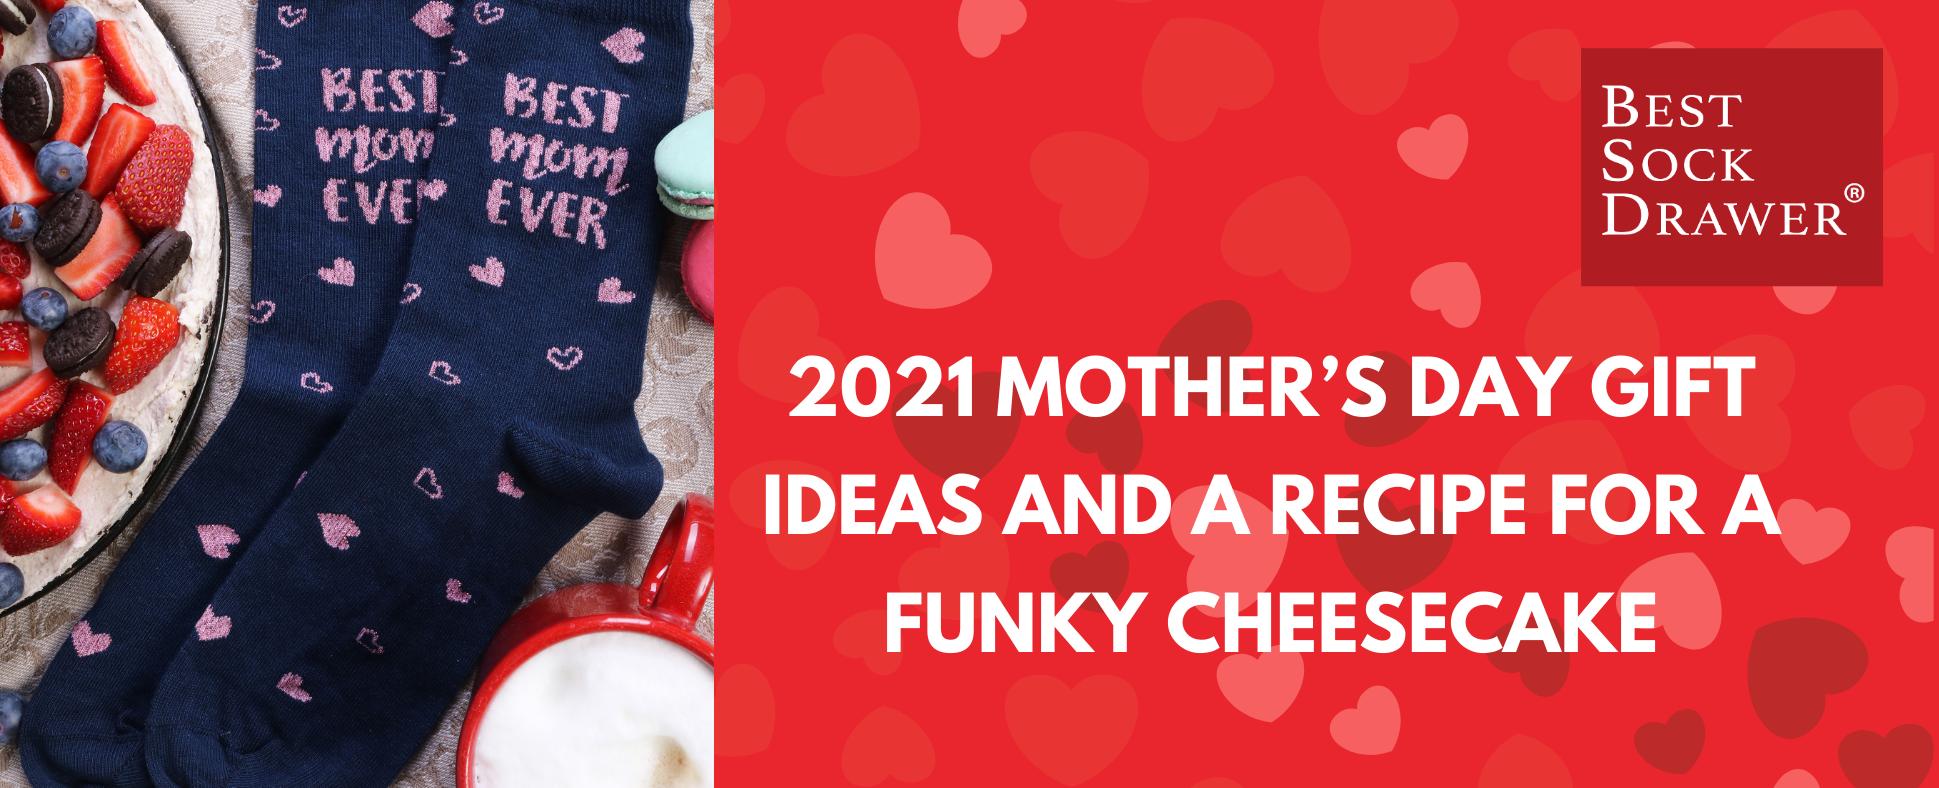 BestSockDrawer Mother's Day